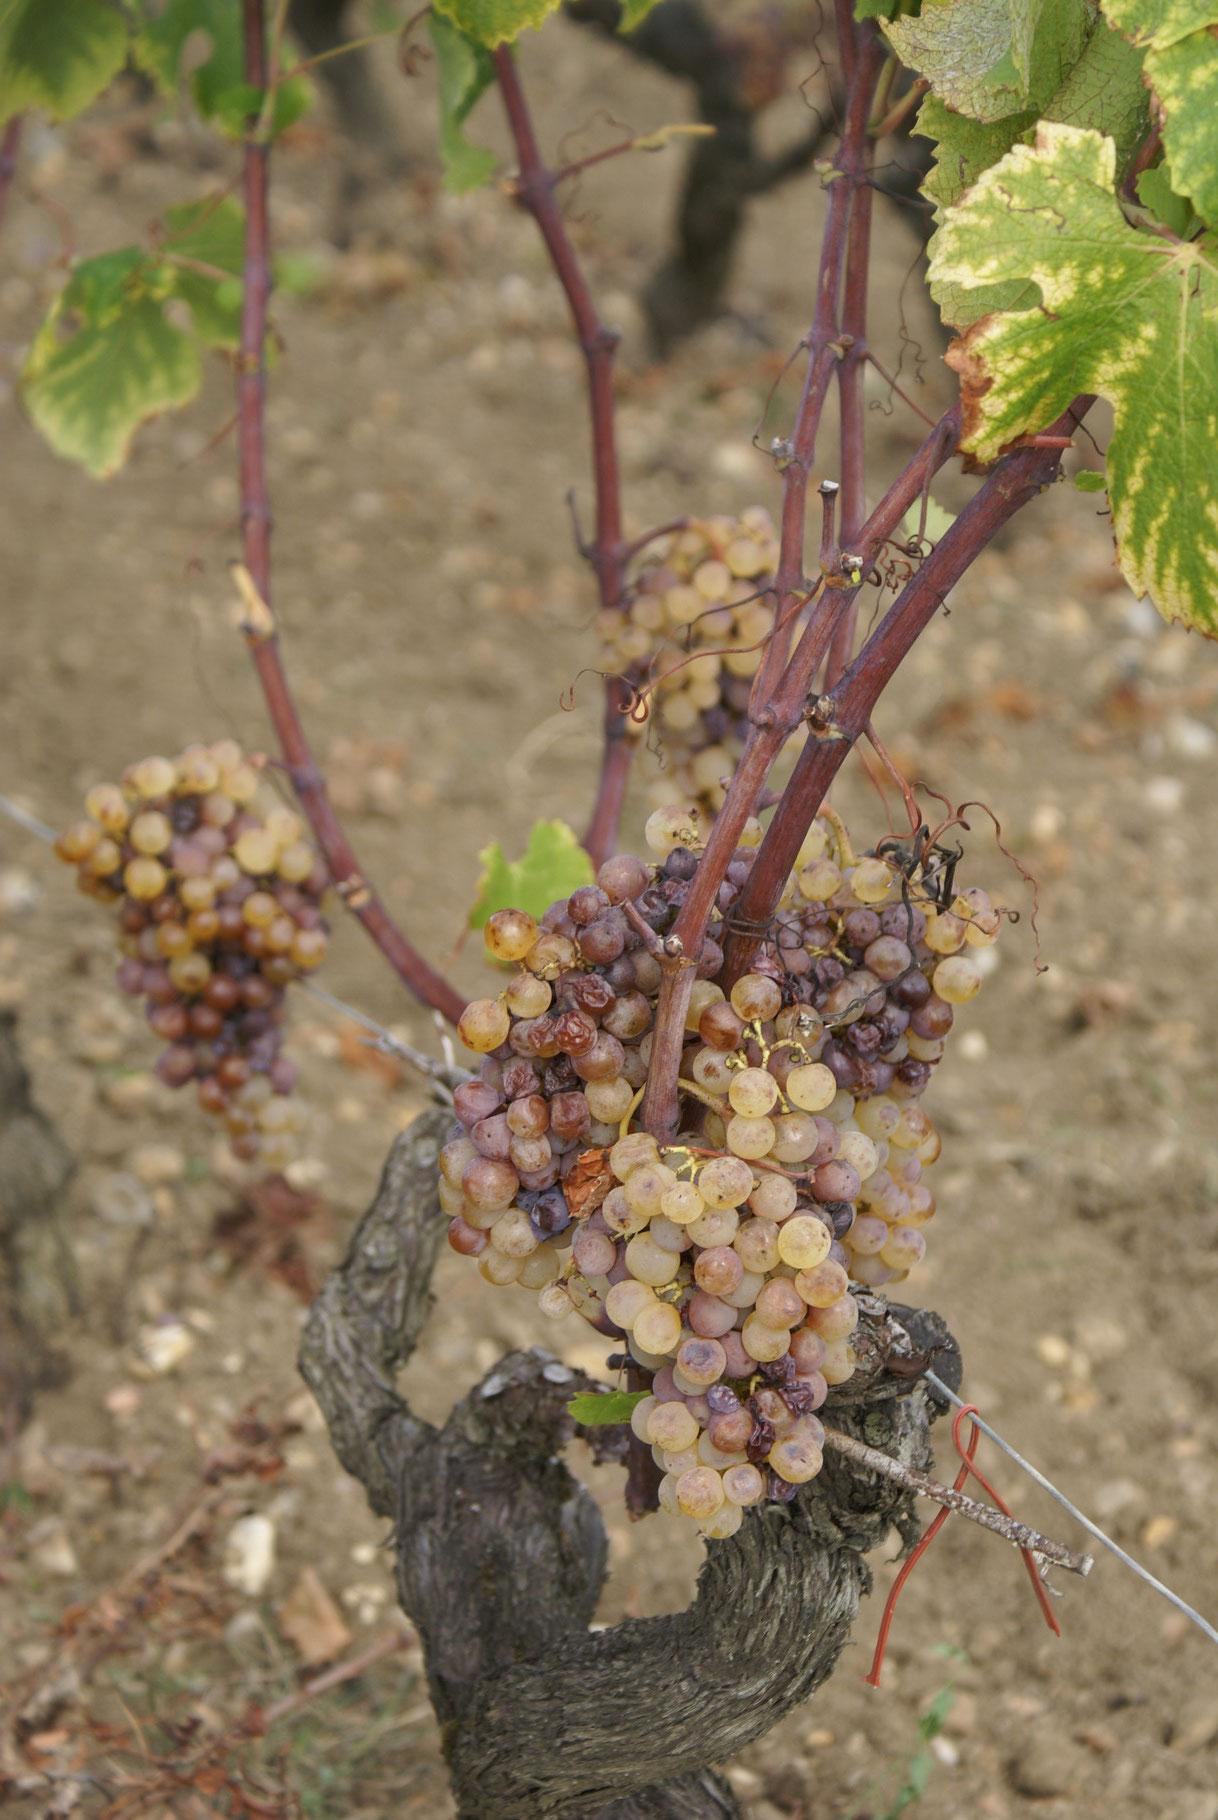 La grappe d'Yquem tachée de couleur brune par le fameux botrytis cinéréa qui nécessite de nombreux passages des vignerons sur chacun des pieds de vignes.